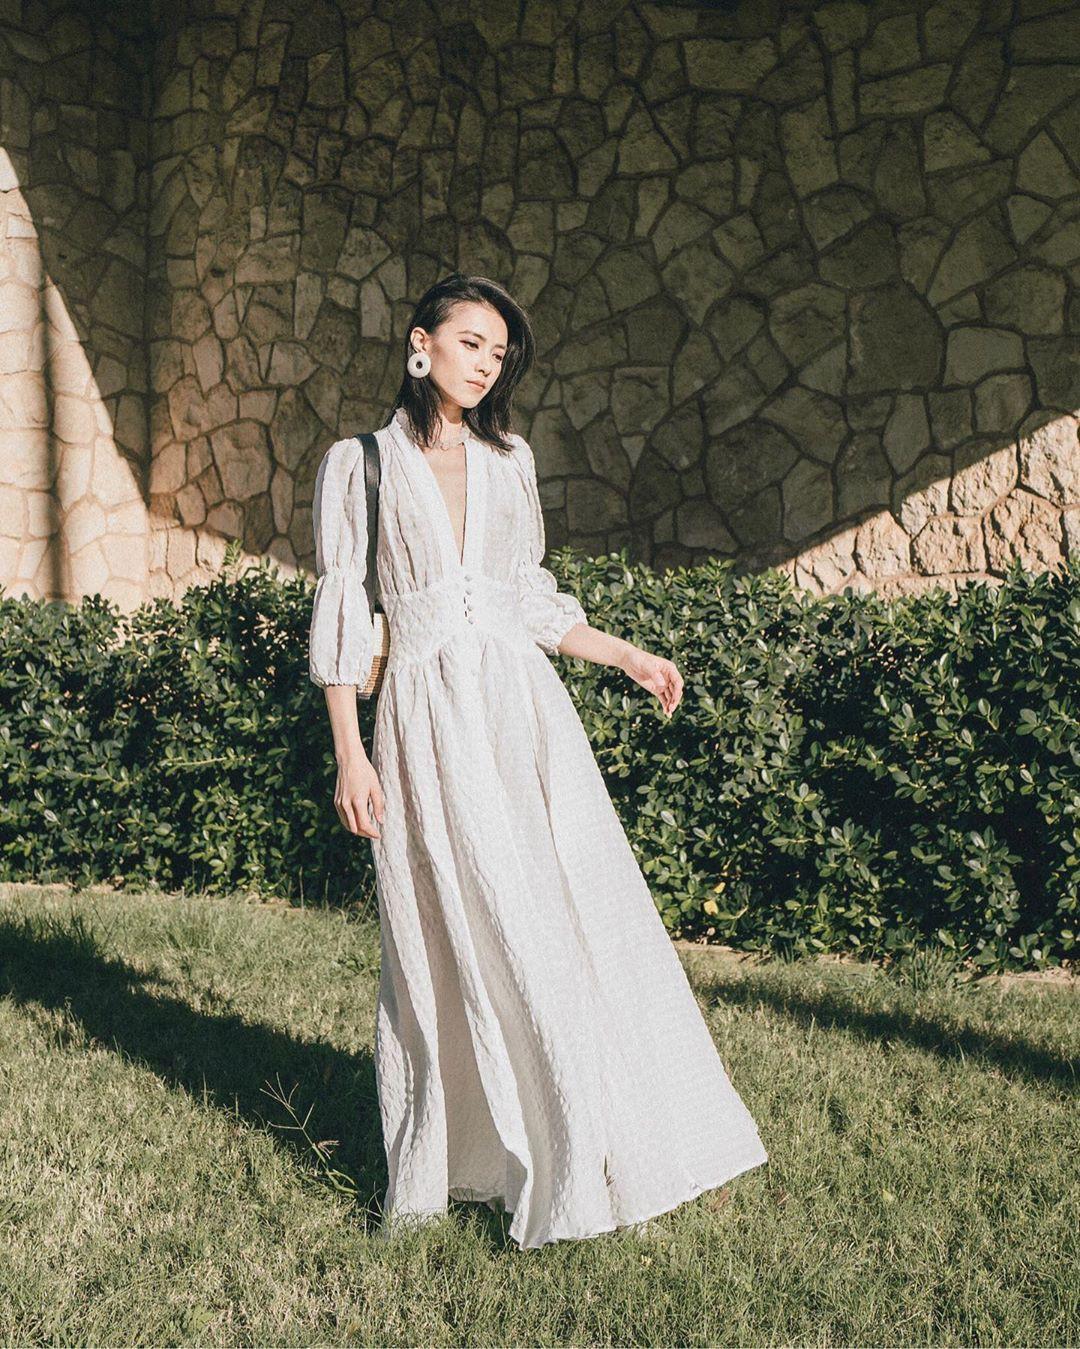 Bỗng thấy không kiểu váy nào vượt qua được váy dáng dài về độ sang chảnh, yêu kiều và hợp rơ với tiết trời se lạnh - Ảnh 11